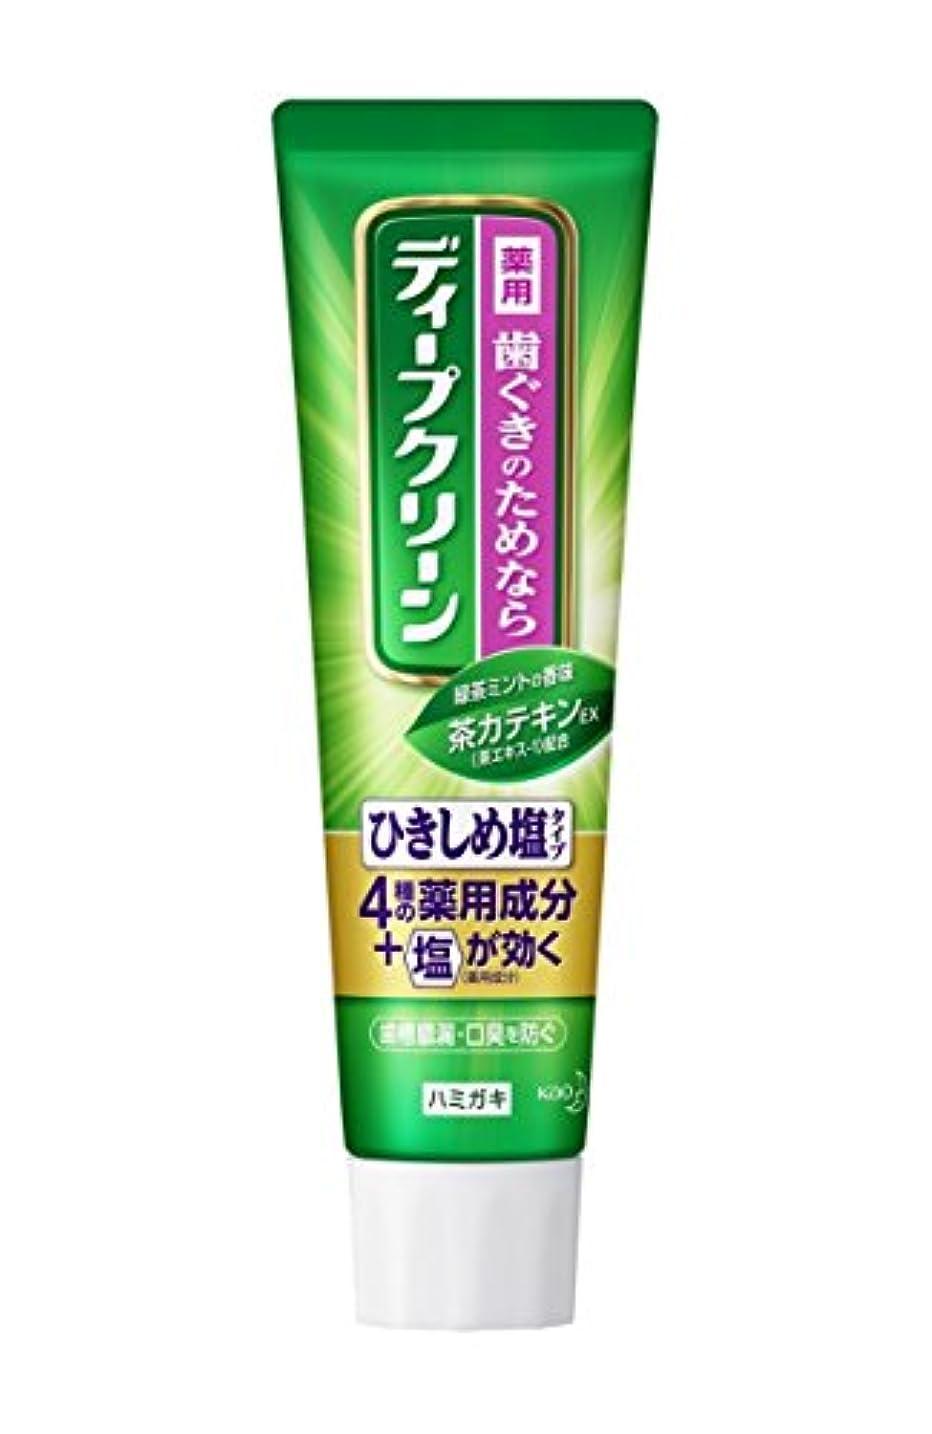 型余裕がある氷【花王】ディープクリーン 薬用ハミガキ ひきしめ塩 100g ×20個セット